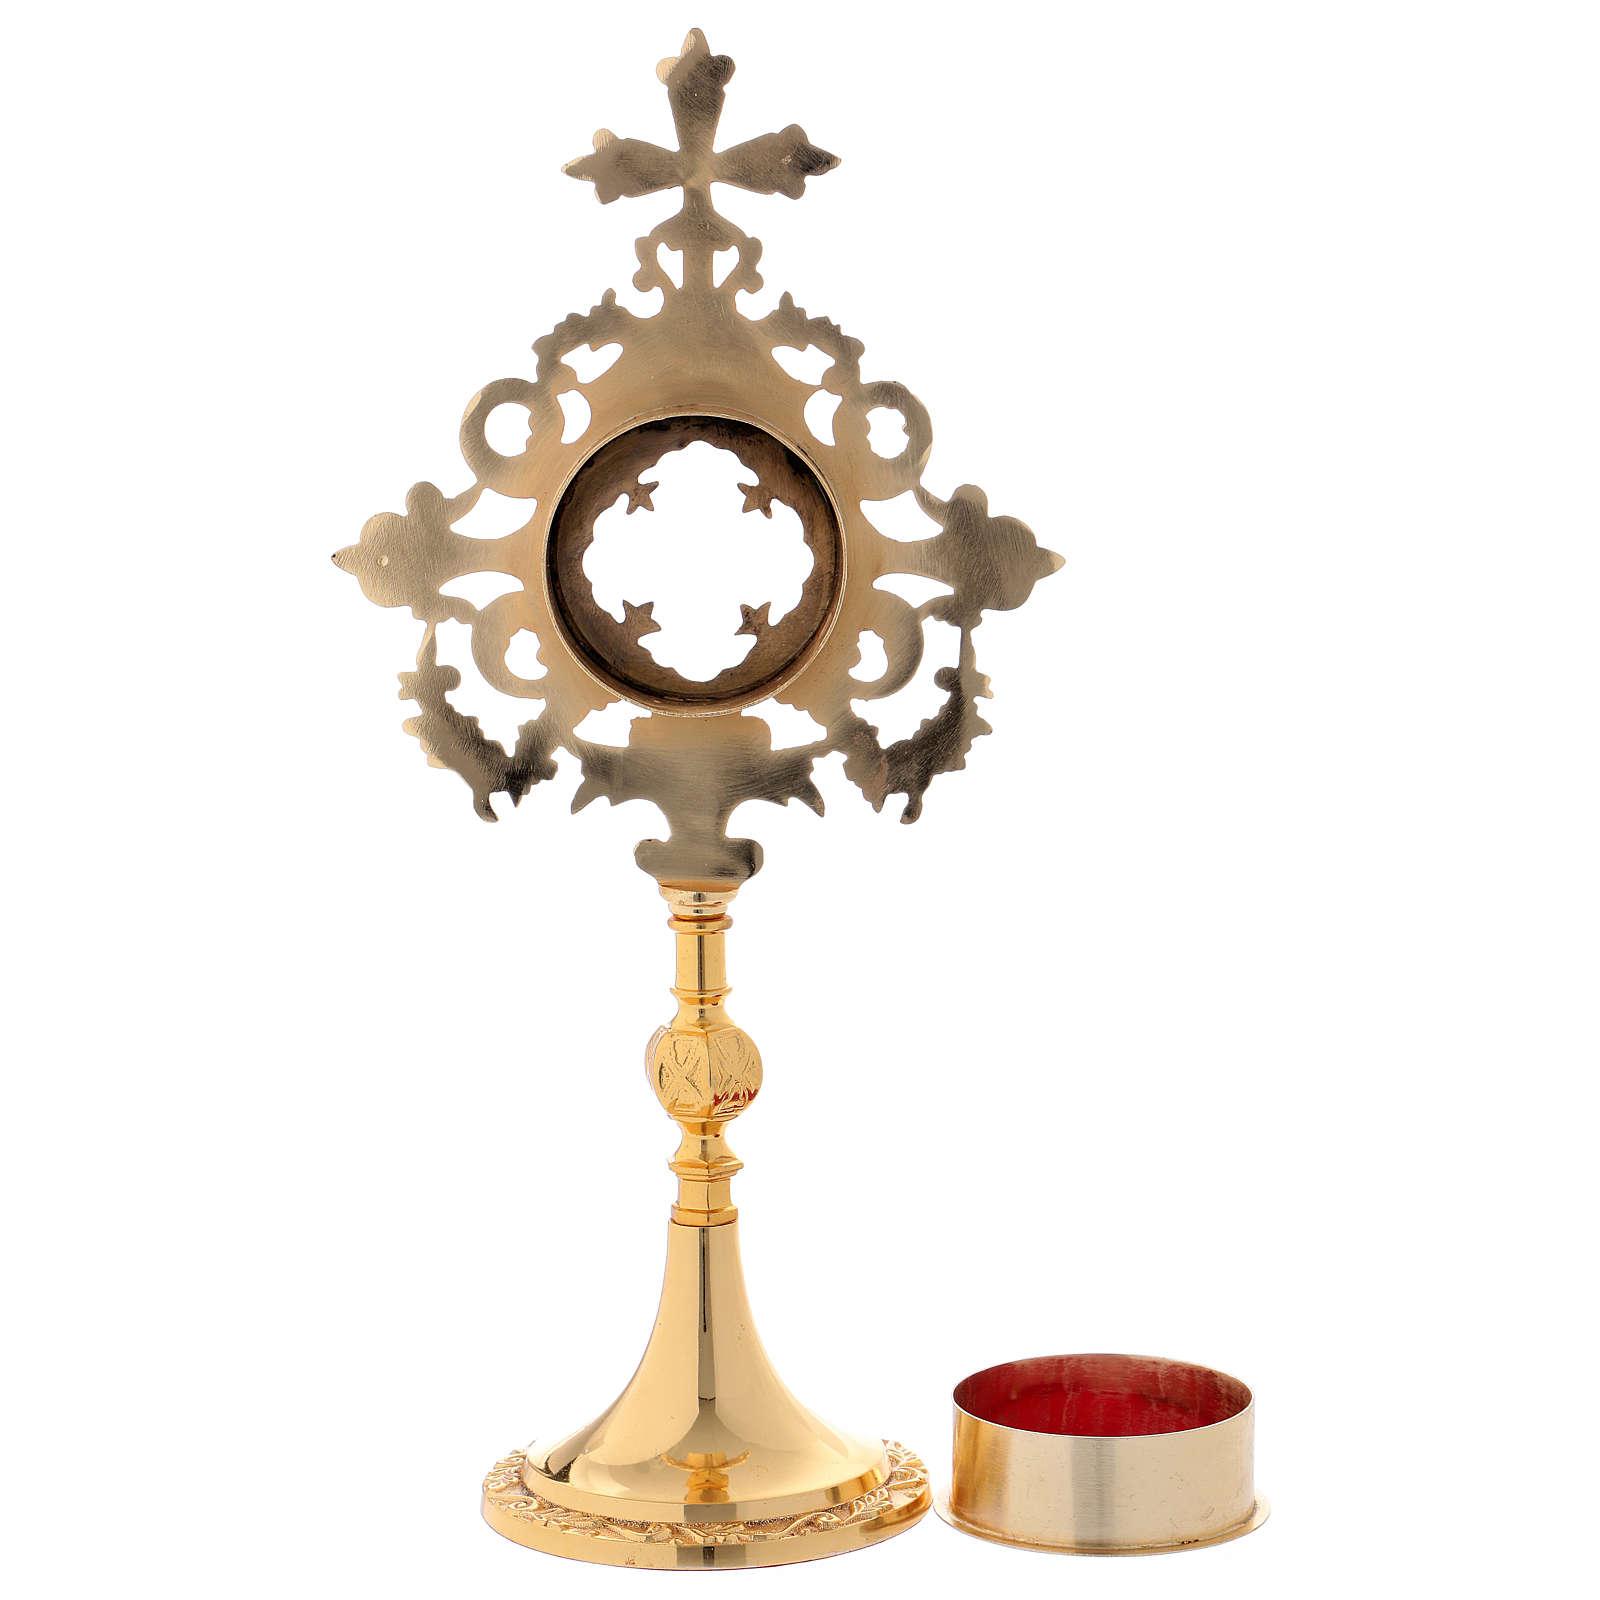 Reliquiario croce e intarsi ottone dorato 32 cm 4